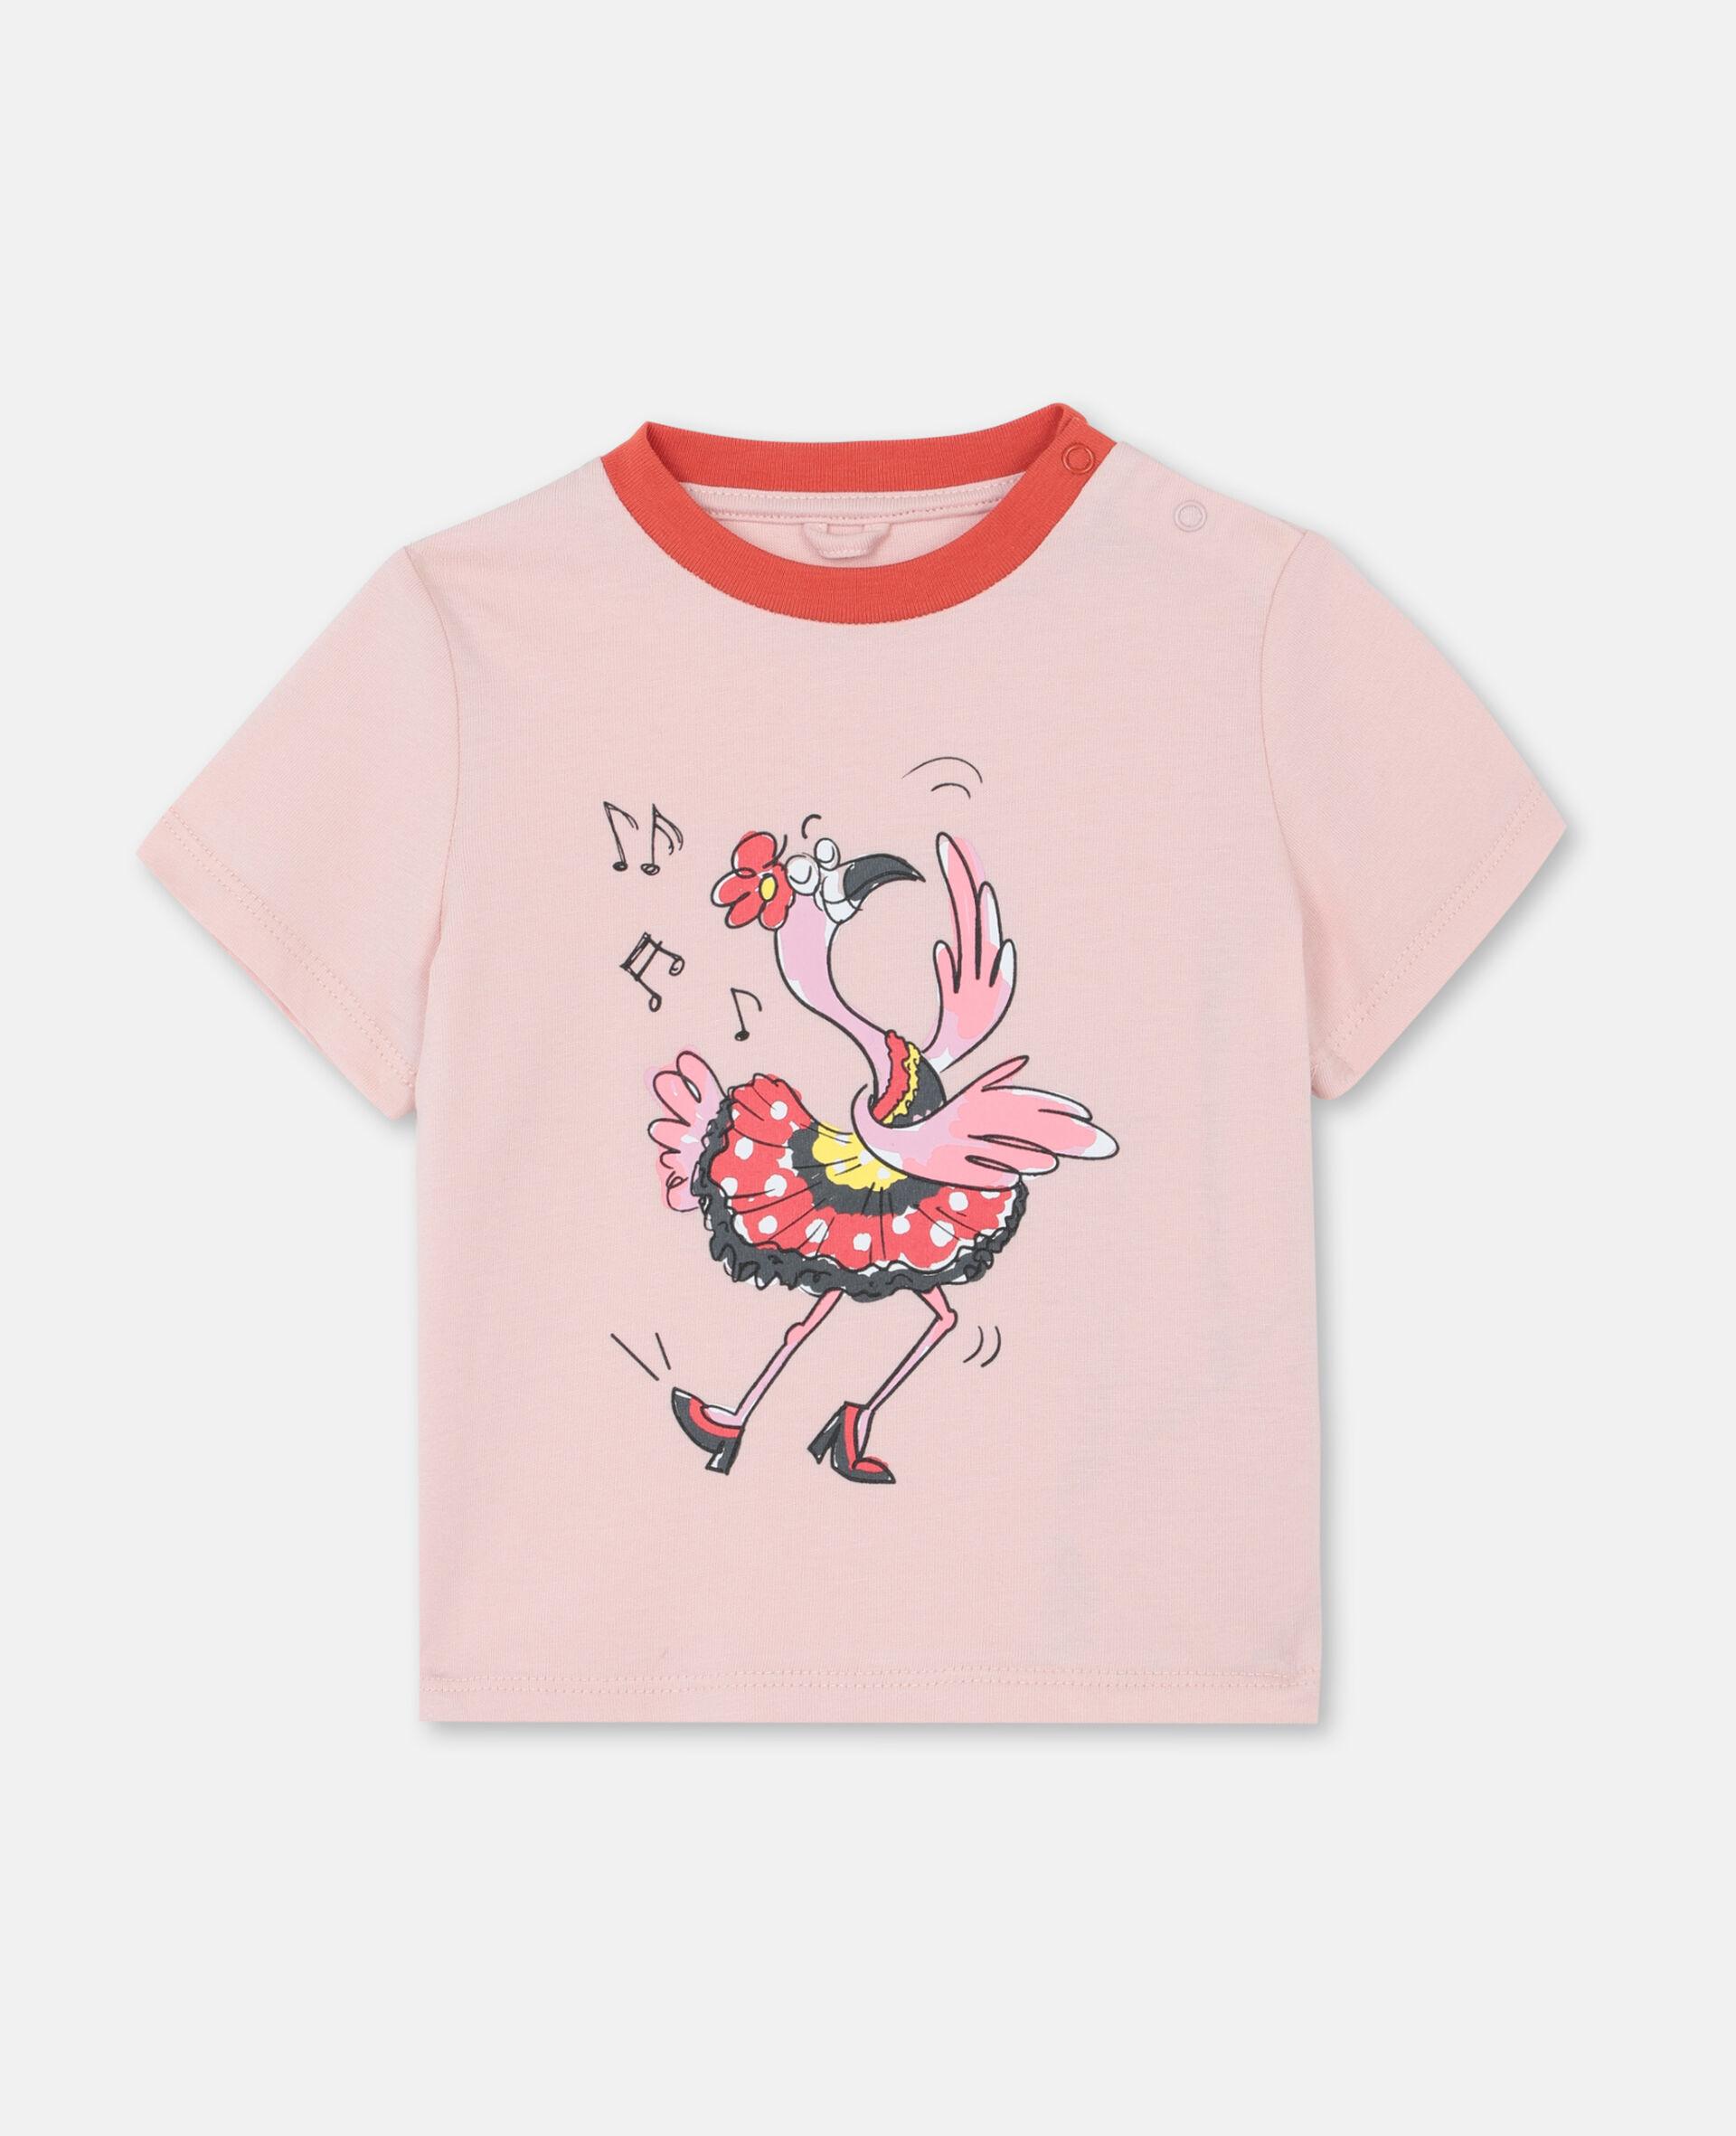 ダンシング フラミンゴ コットン Tシャツ-ピンク-large image number 0